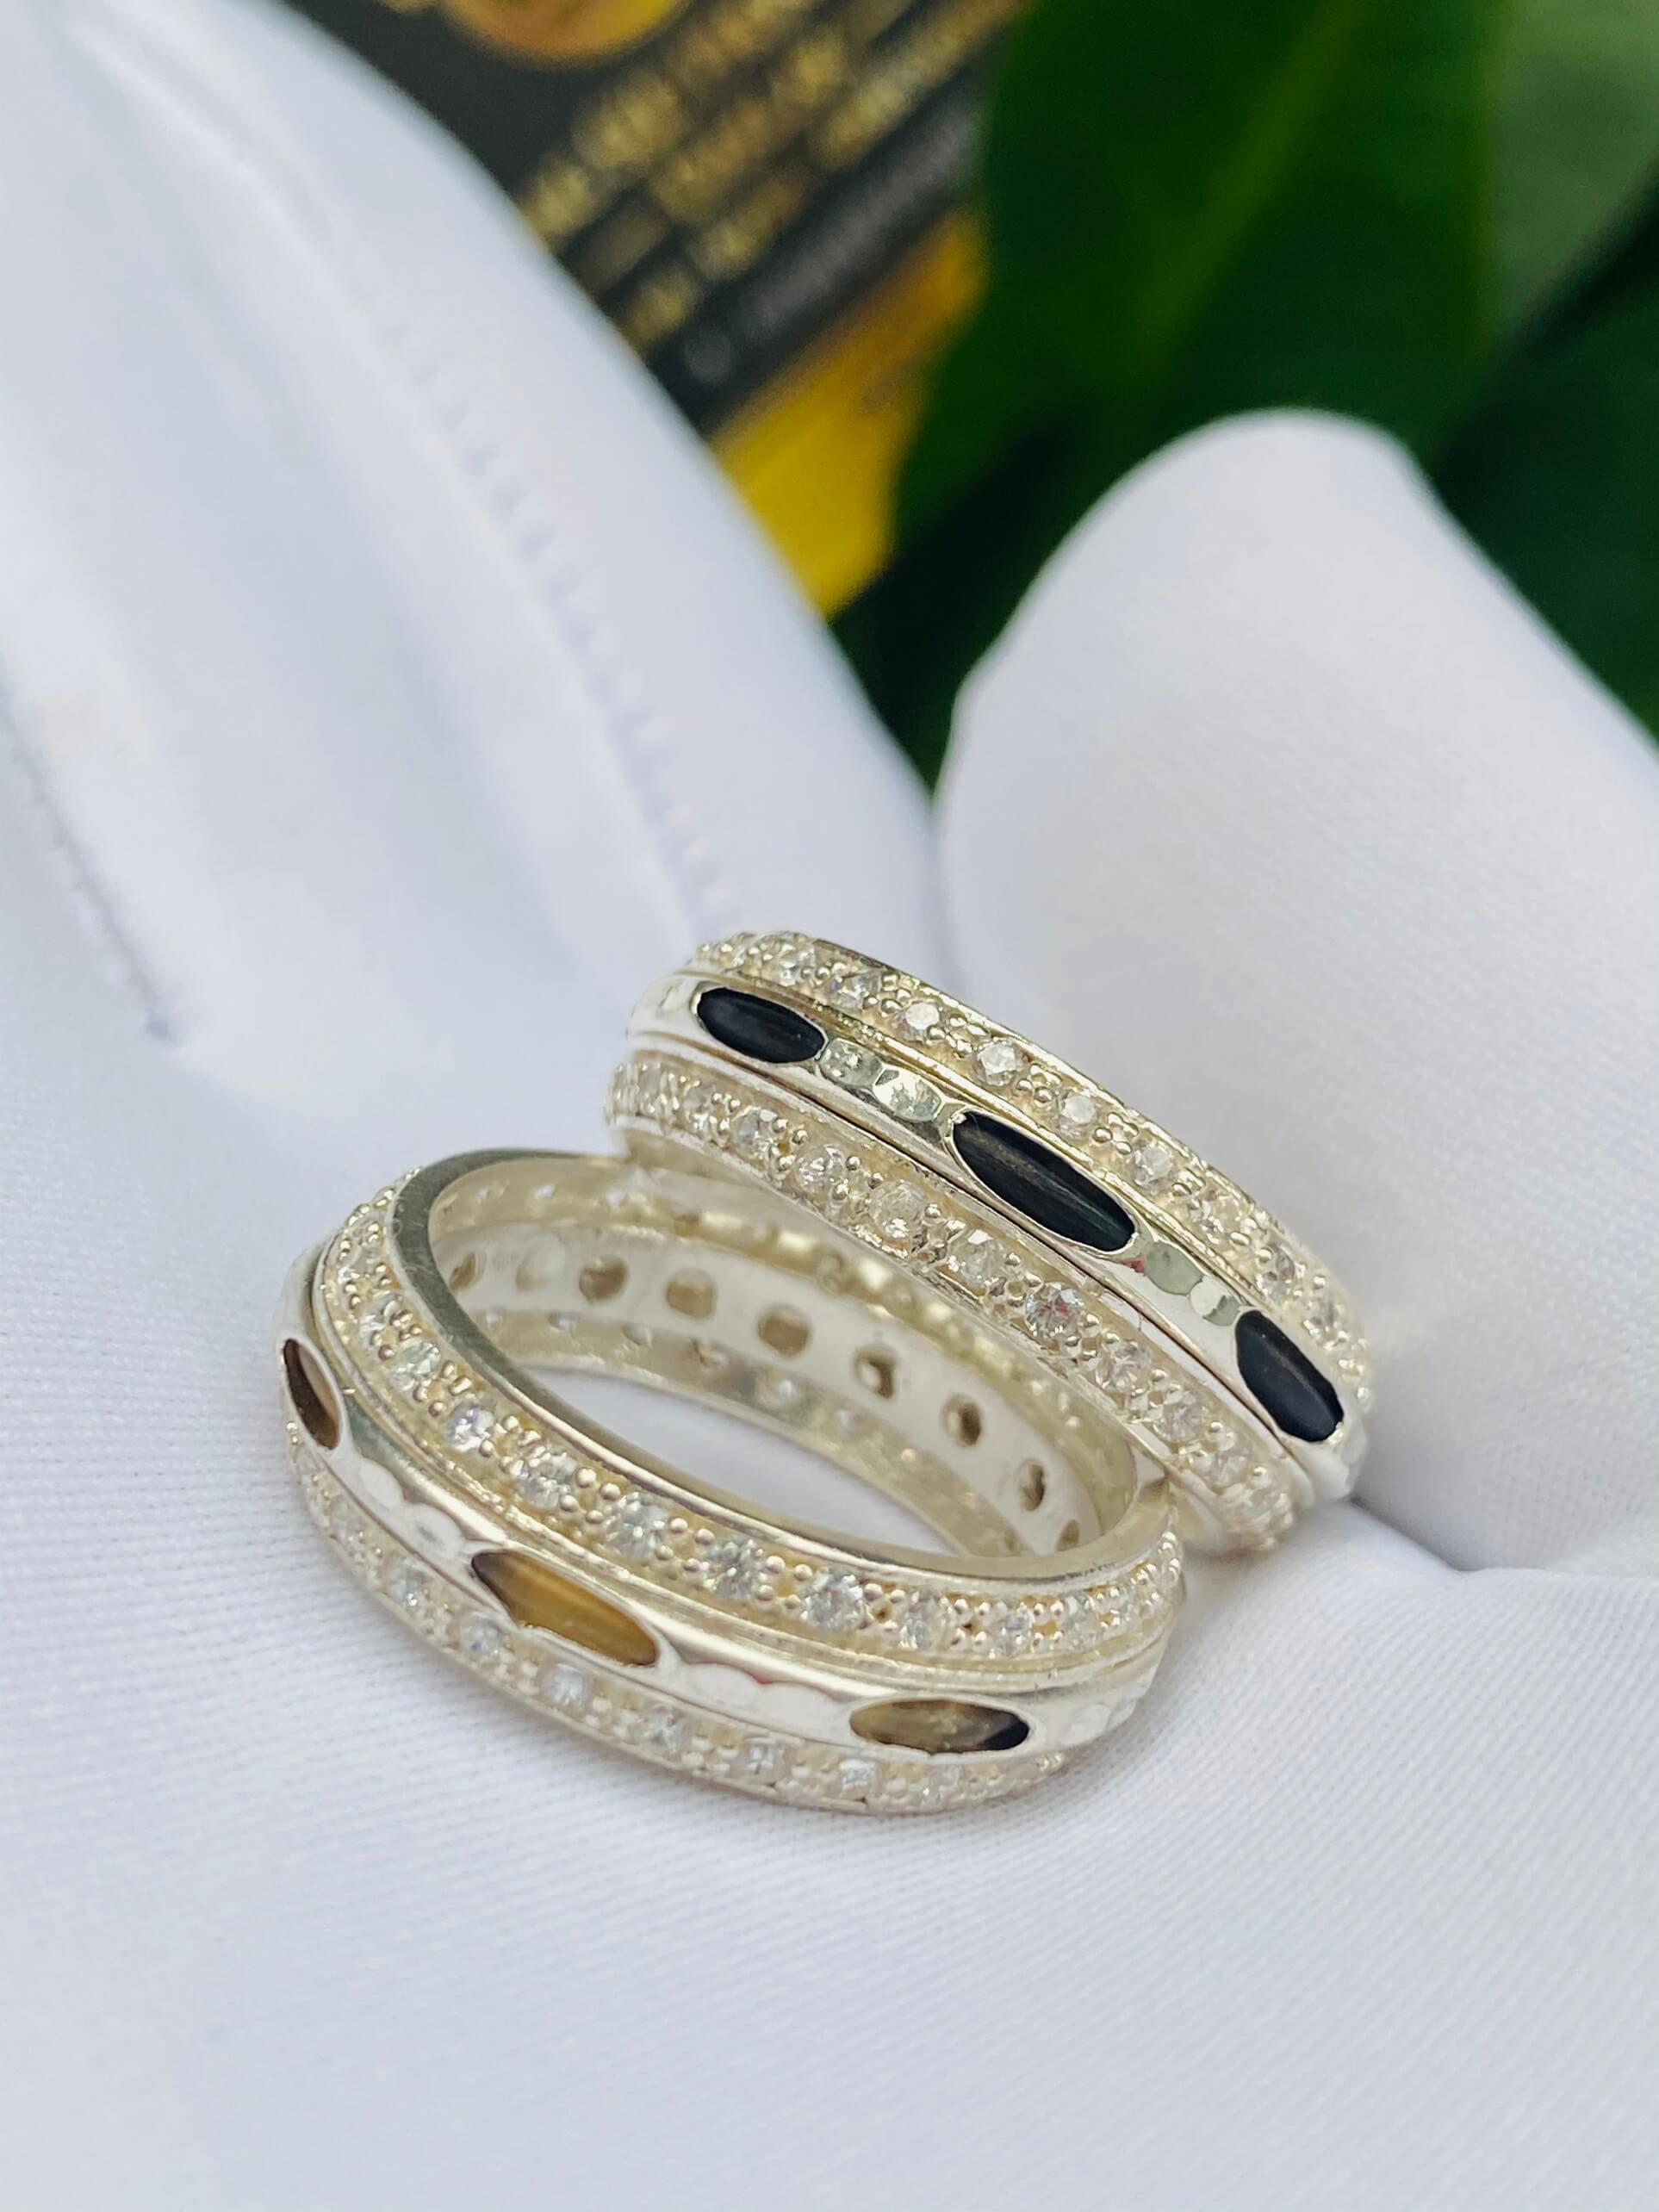 Cặp nhẫn bạc 2 hàng đá trắng lạ mắt